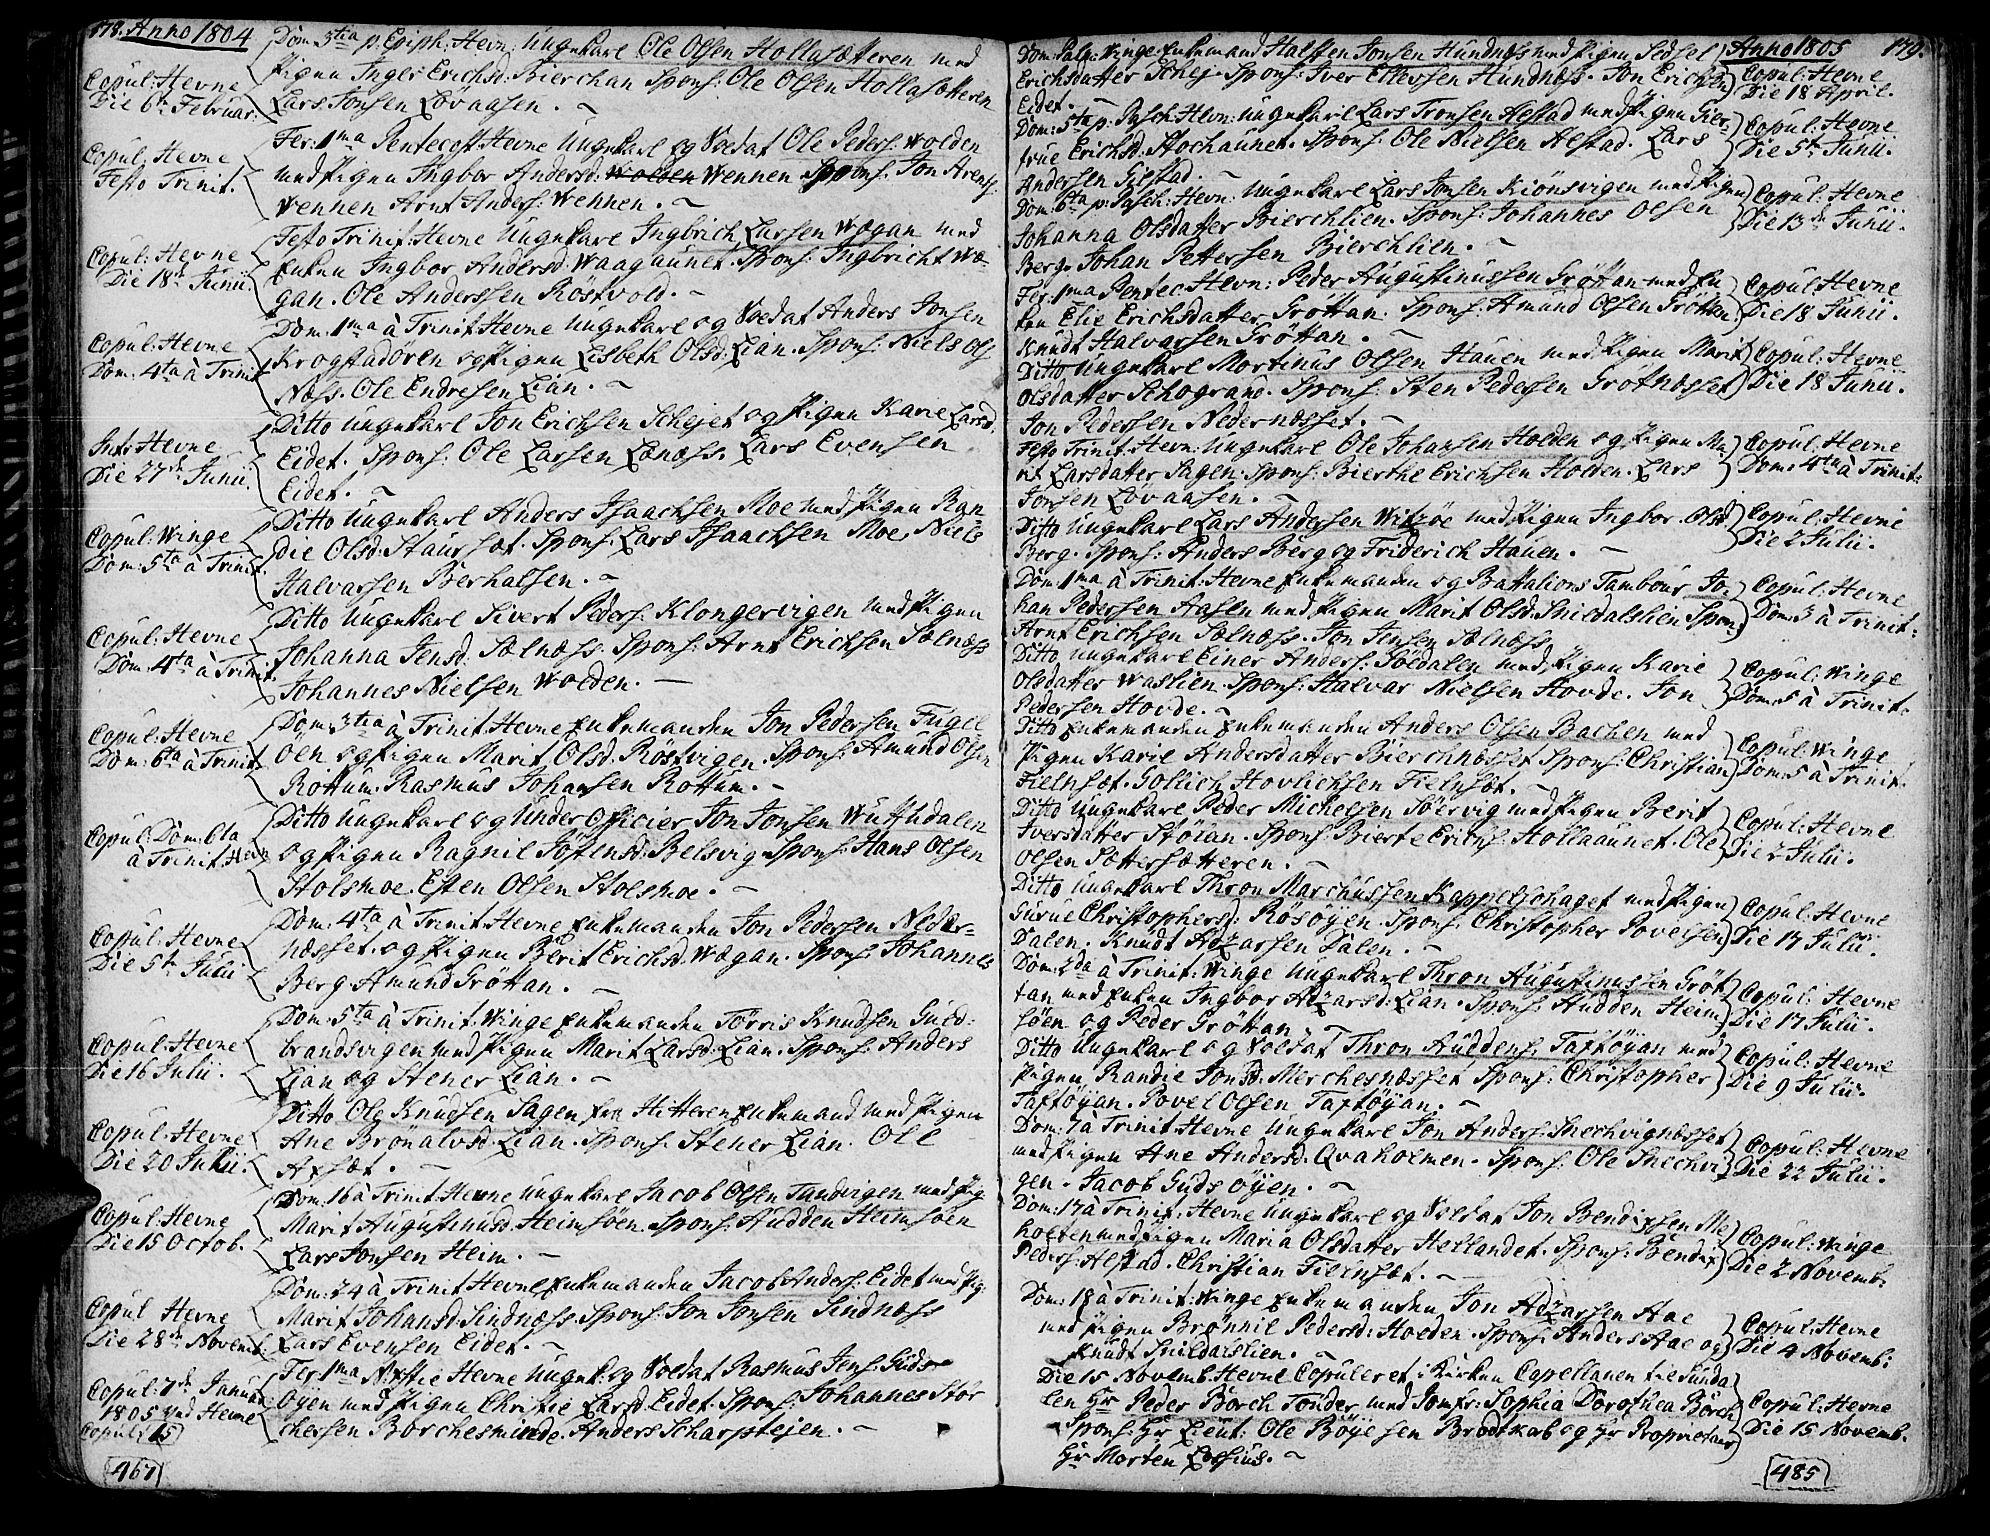 SAT, Ministerialprotokoller, klokkerbøker og fødselsregistre - Sør-Trøndelag, 630/L0490: Ministerialbok nr. 630A03, 1795-1818, s. 178-179